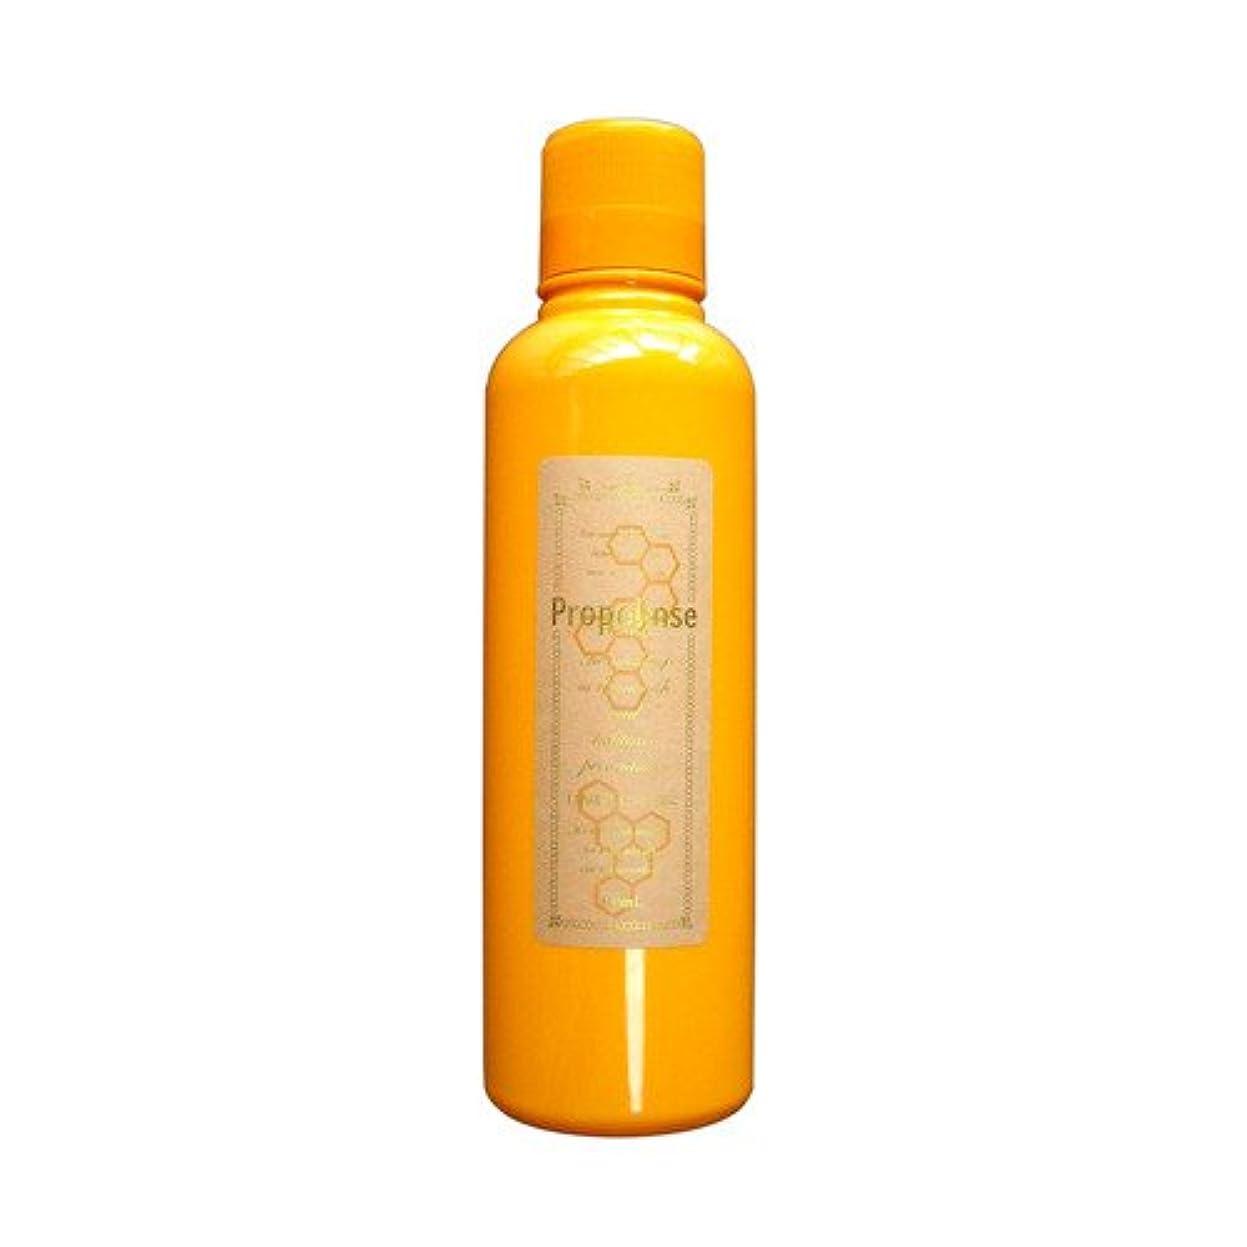 うがい薬によるとオーケストラピエラス:口内洗浄、口臭予防に プロポリンス 600ml 10001034